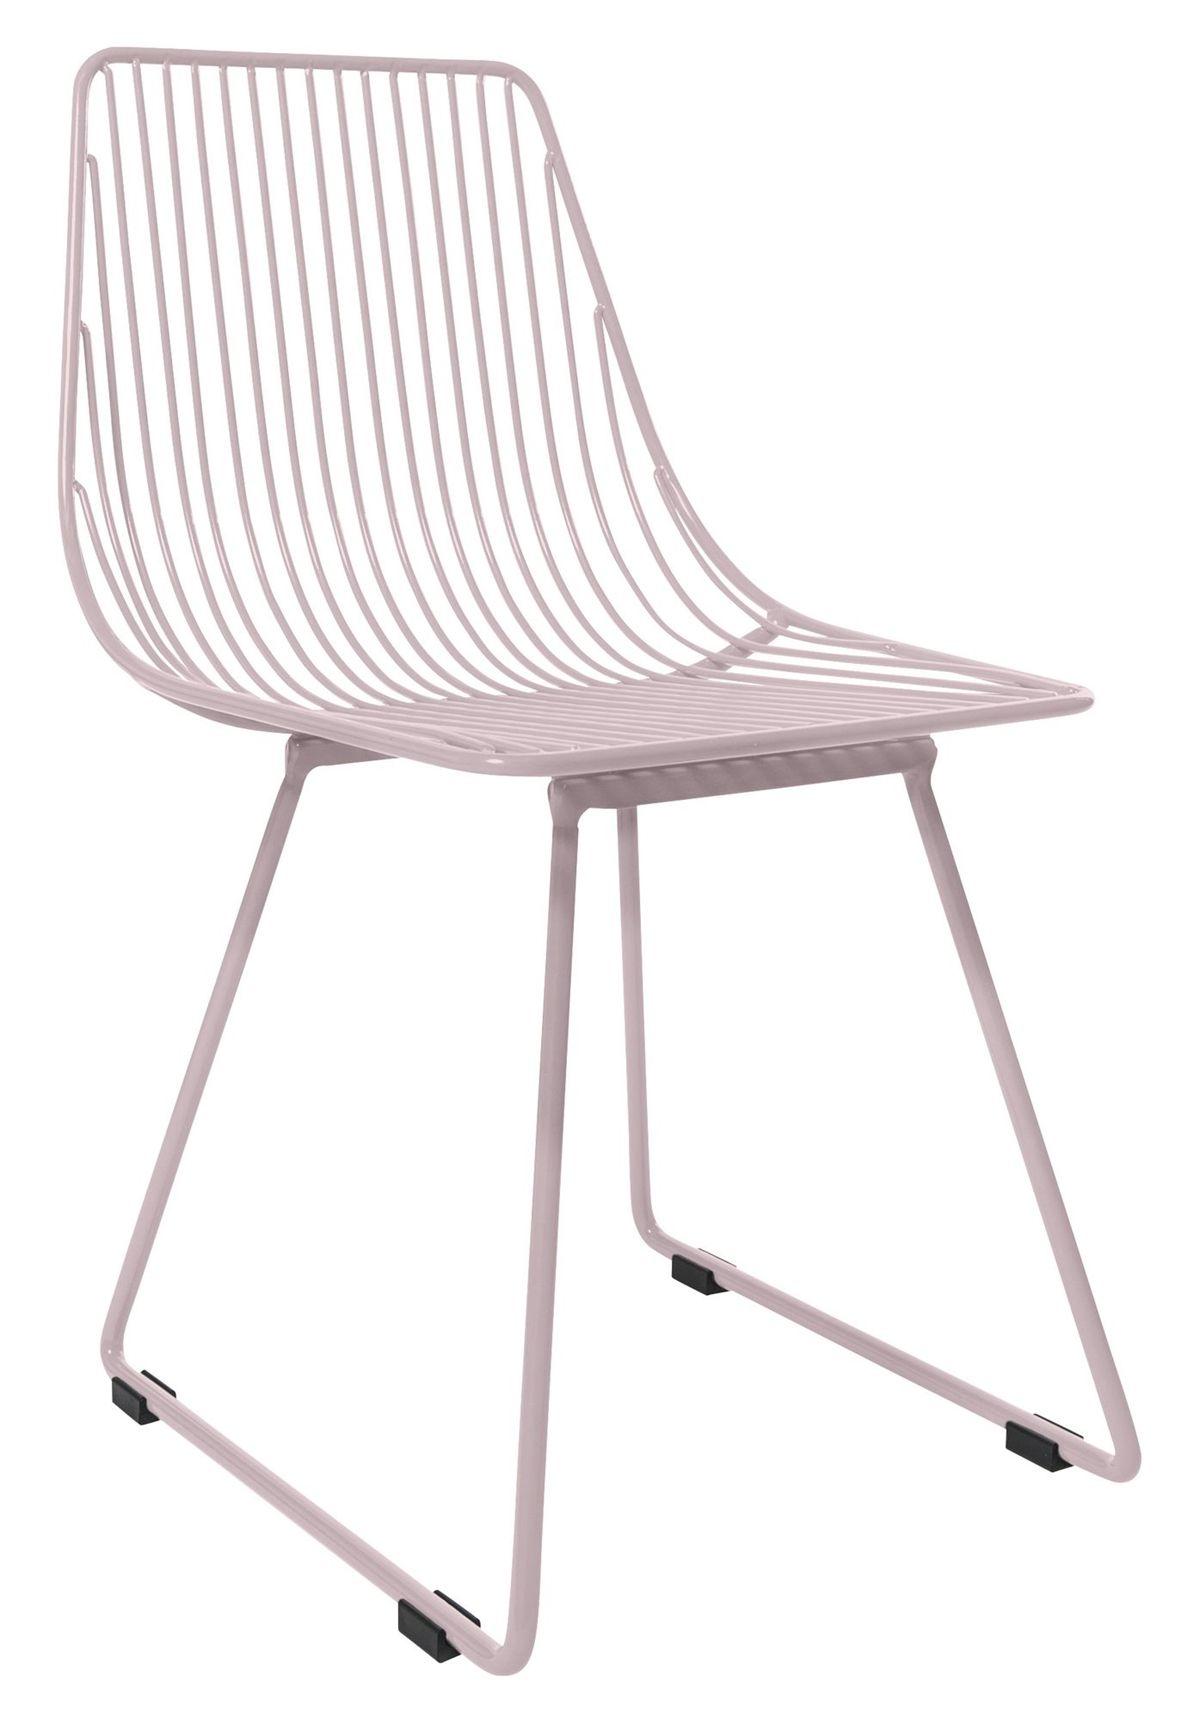 Alle nye Sebra Stol Metall Liten Pastell Rosa | Utemöbler och barn möbler SO-36